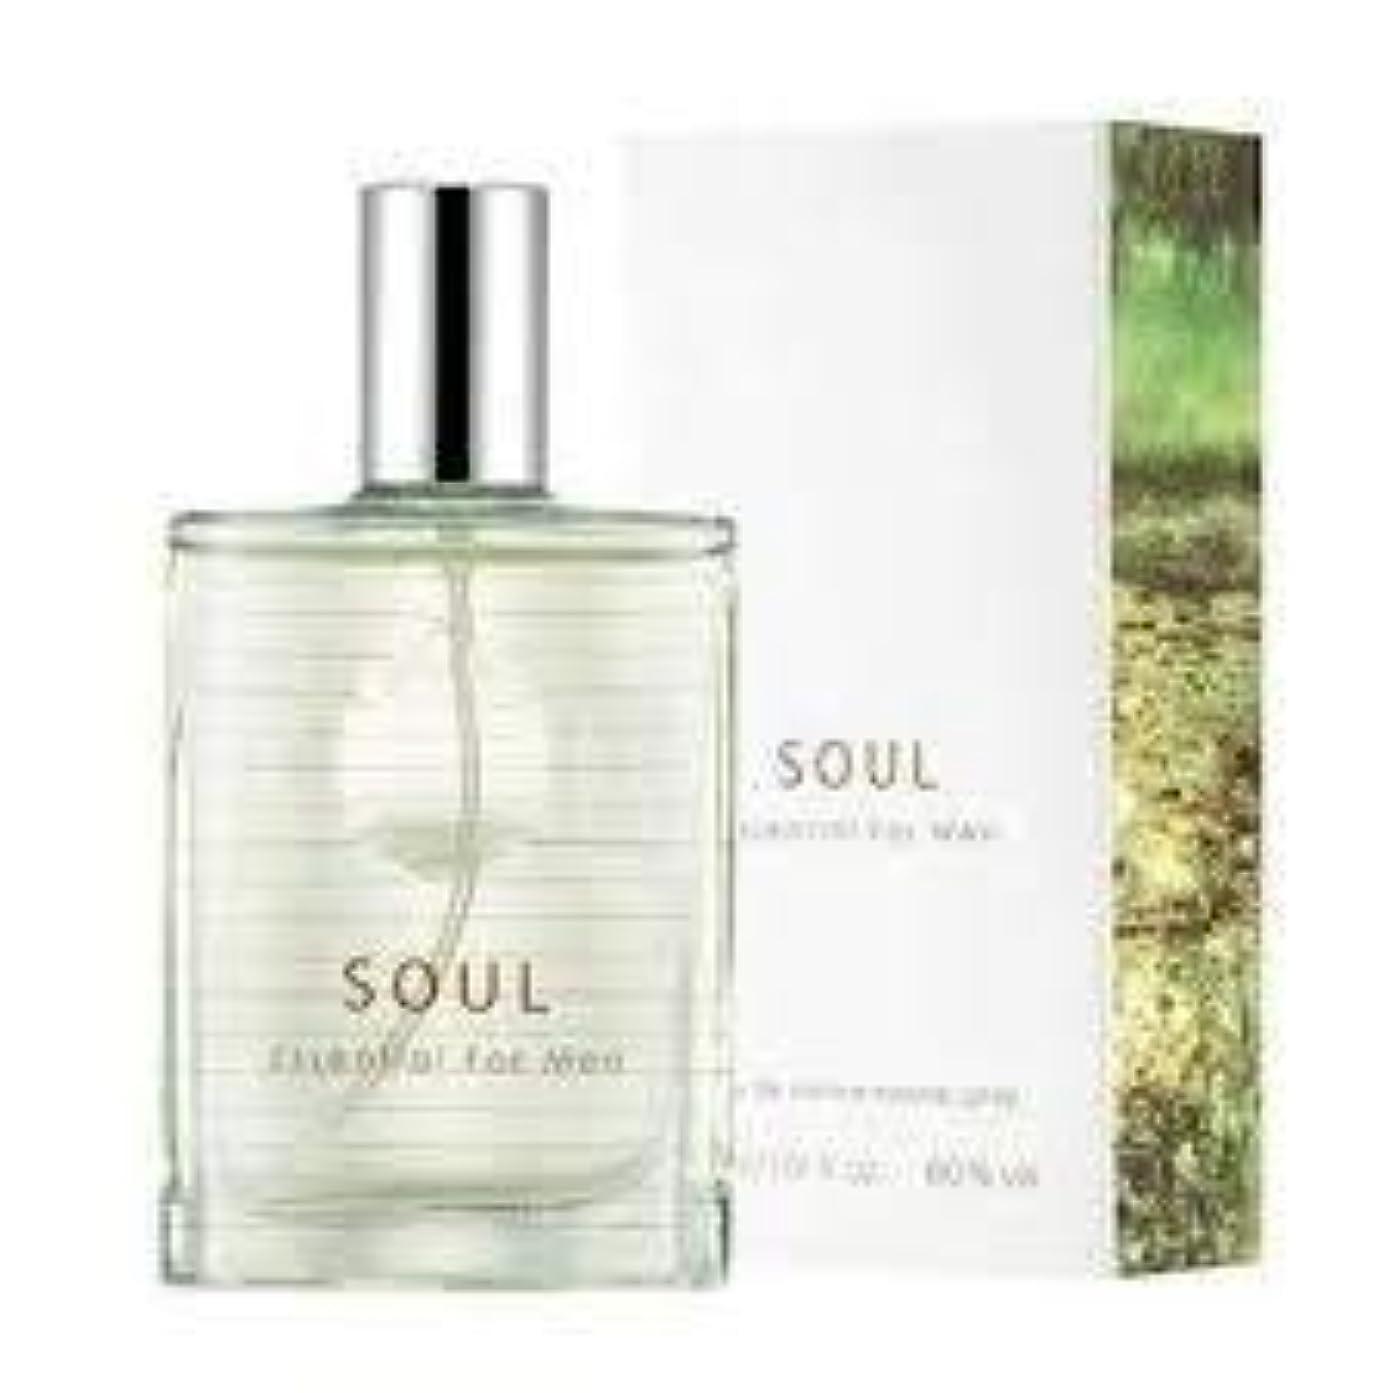 ソーダ水失業工業化するThefaceshop Soul Essential For Men 30ml